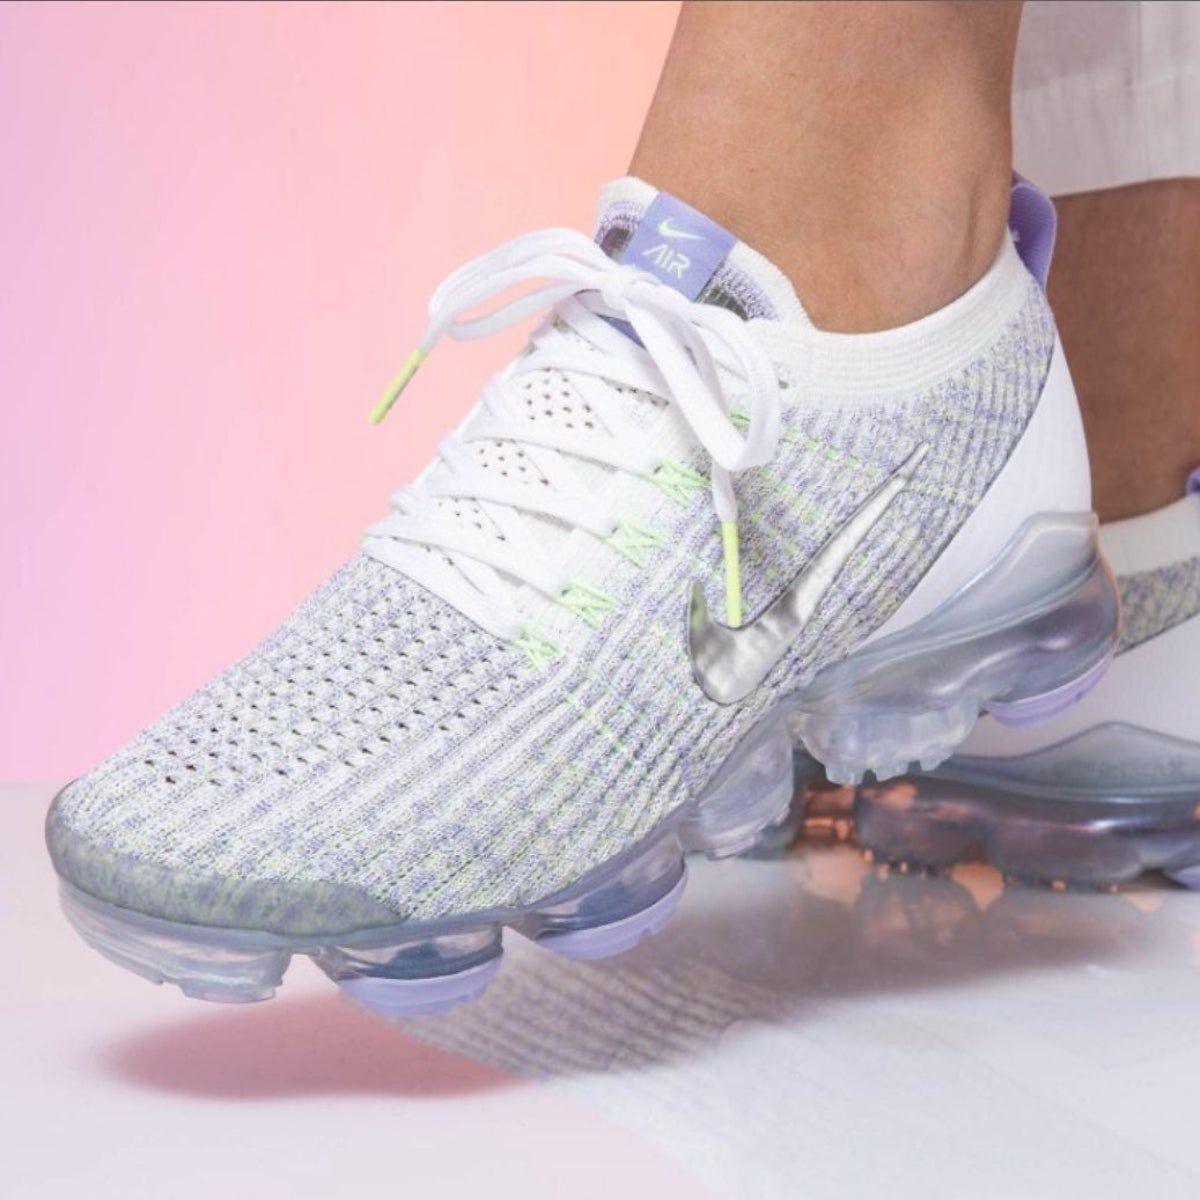 Nike air shoes, Nike air vapormax